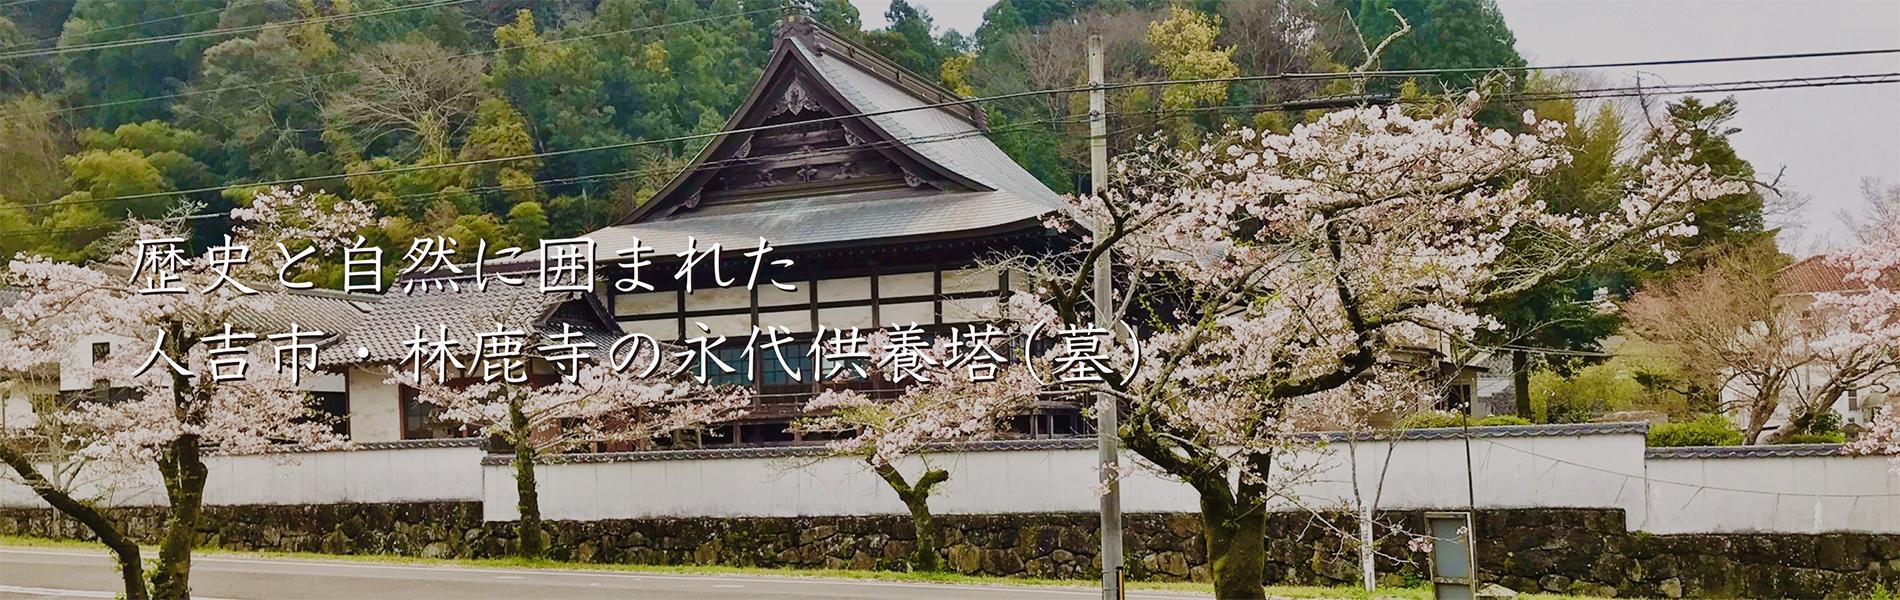 熊本県人吉市 林鹿寺